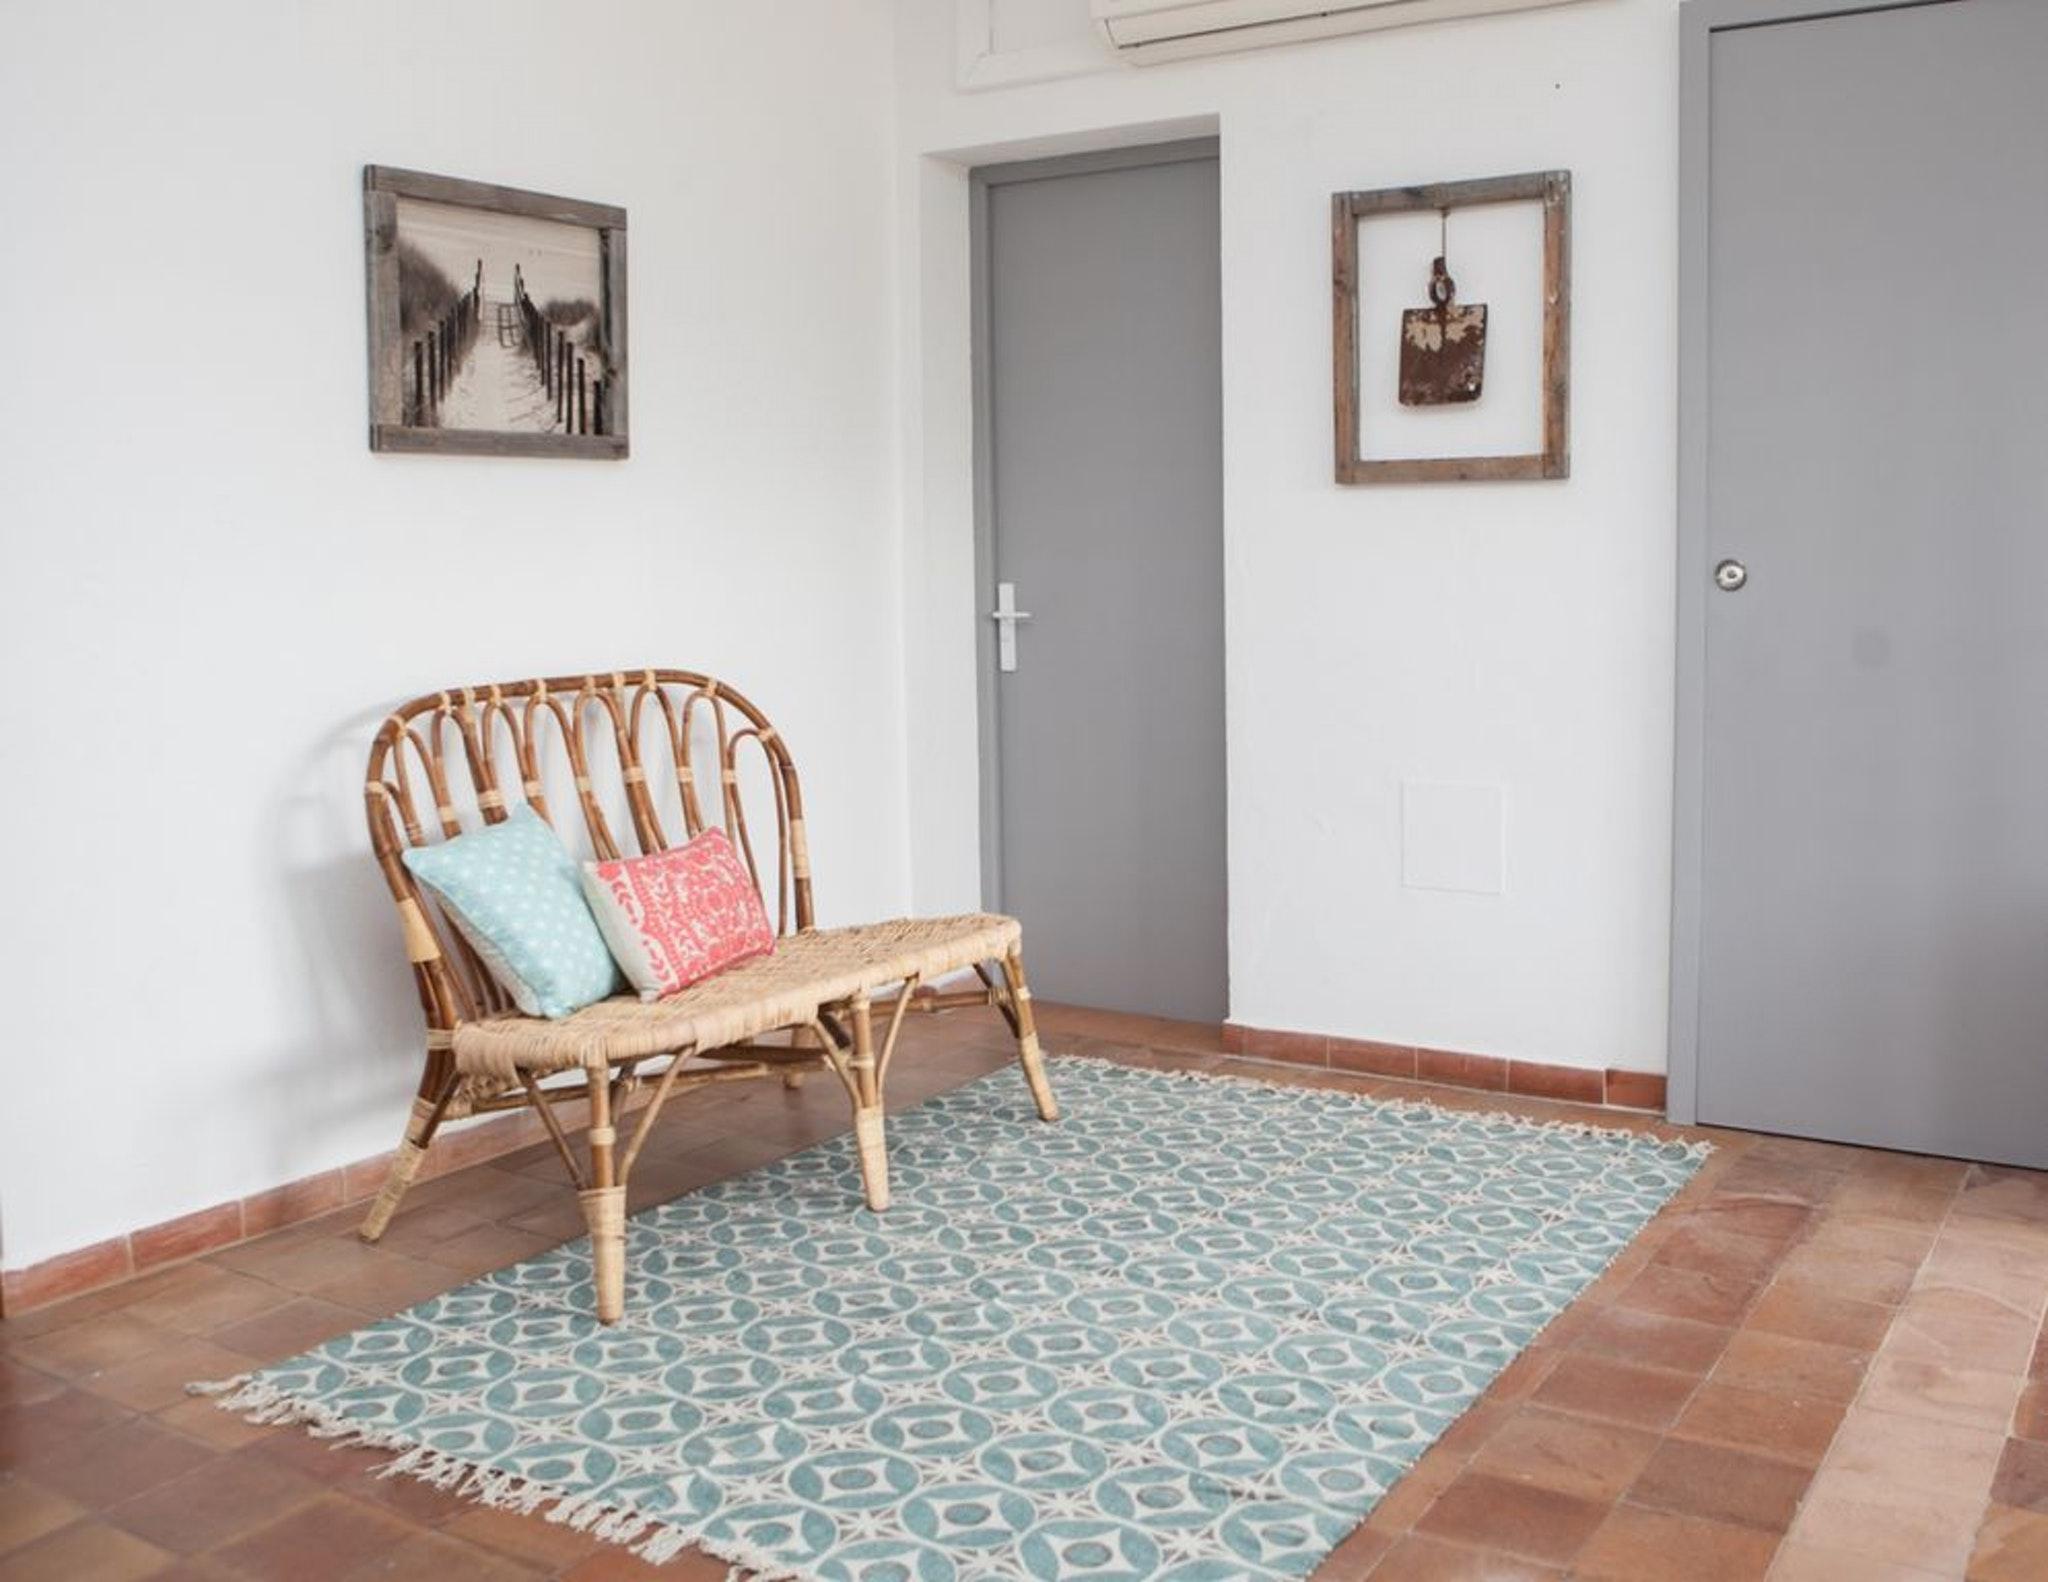 Maison de vacances Haus mit 3 Schlafzimmern in Formentera mit eingezäuntem Garten und W-LAN - 5 km vom Strand (2620580), San Francisco Javier, Formentera, Iles Baléares, Espagne, image 11